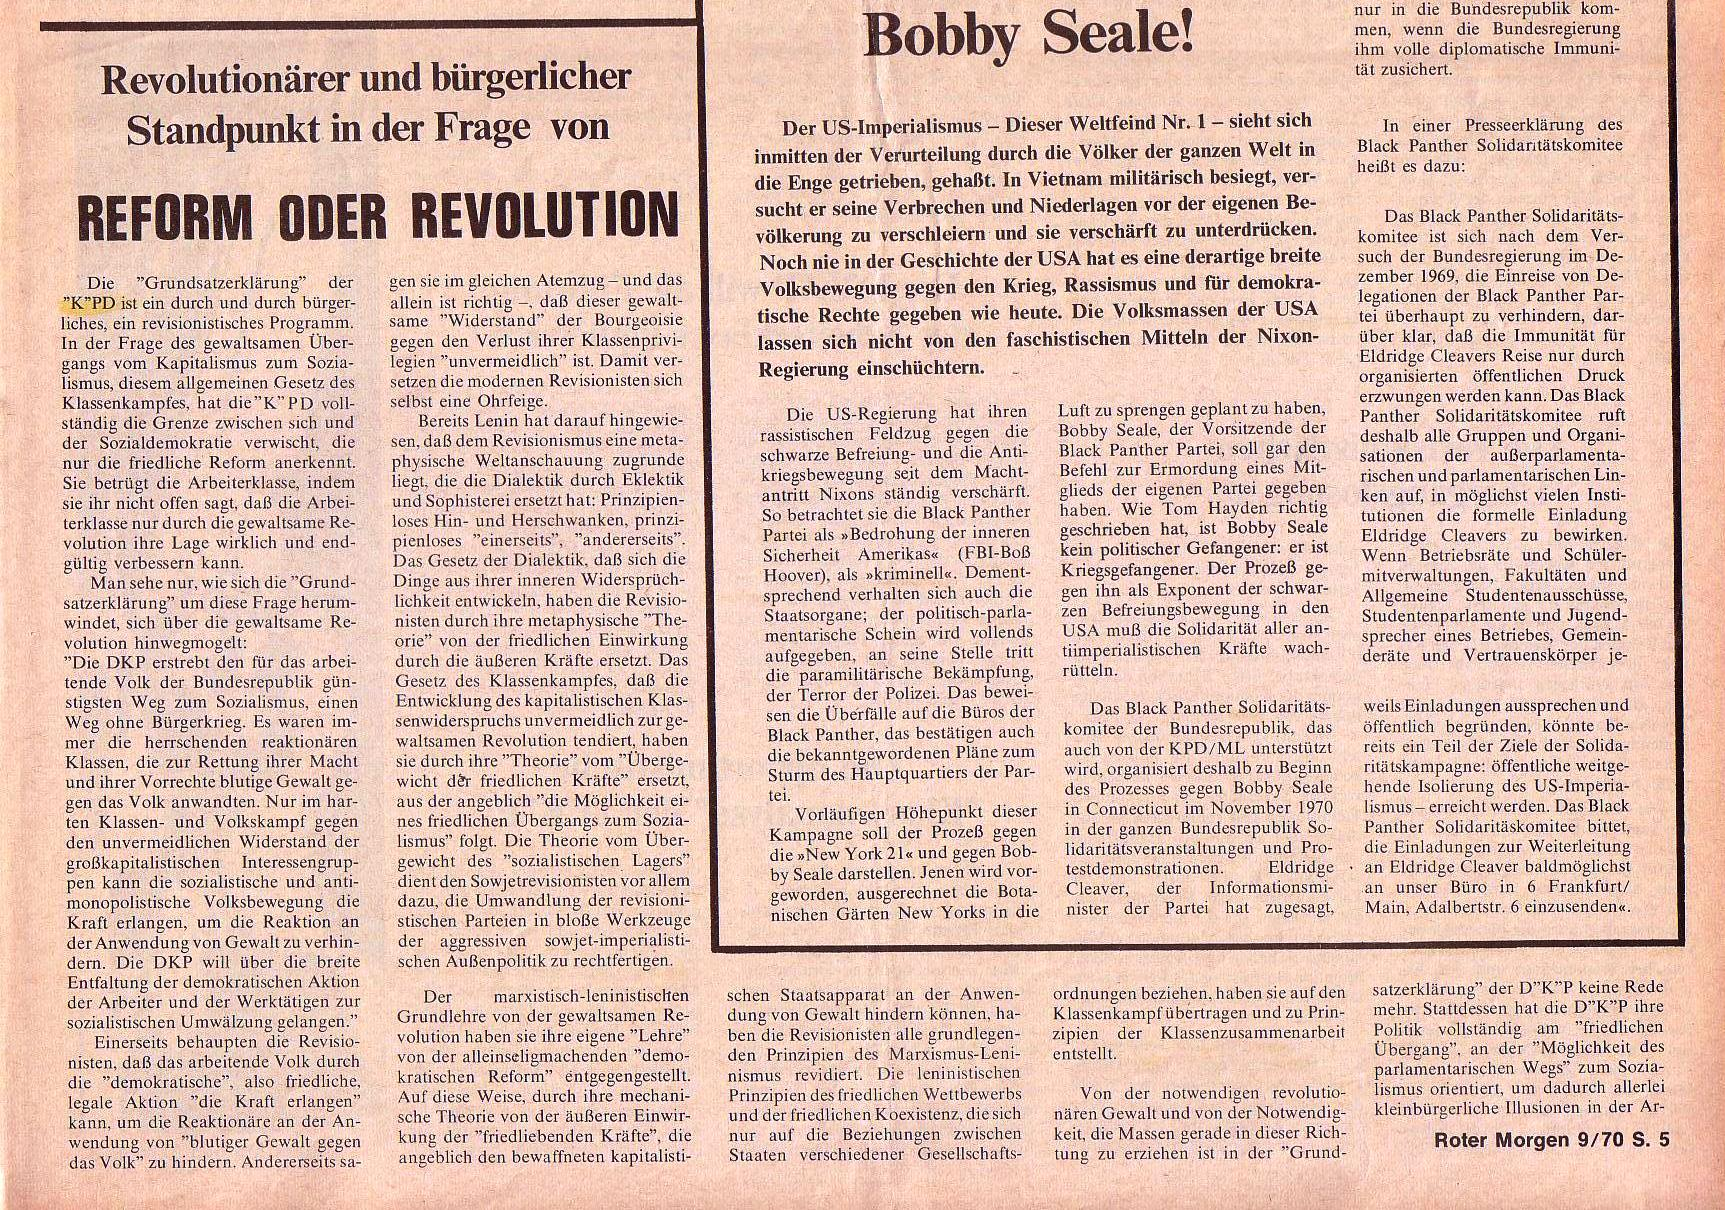 Roter Morgen, 4. Jg., Oktober 1970, Nr. 9, Seite 5b